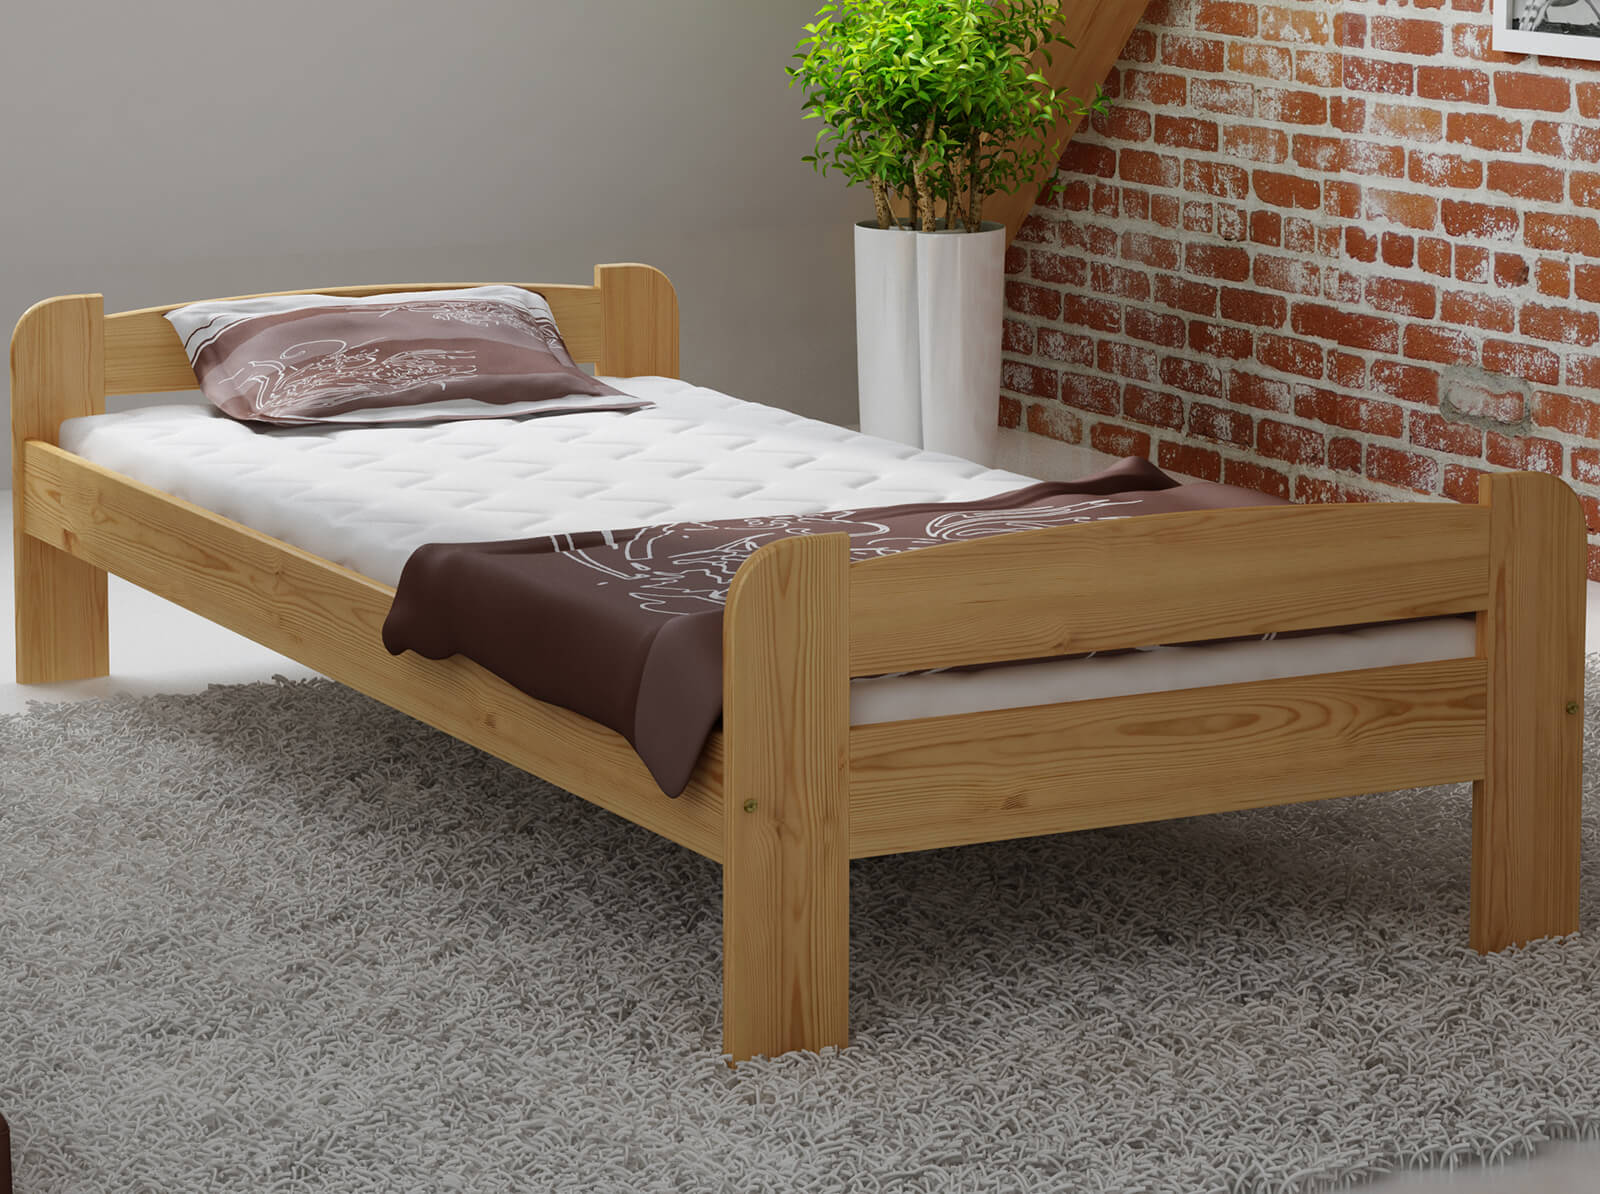 łóżko Drewniane Ania 90x200 Z Materacem Kieszeniowym